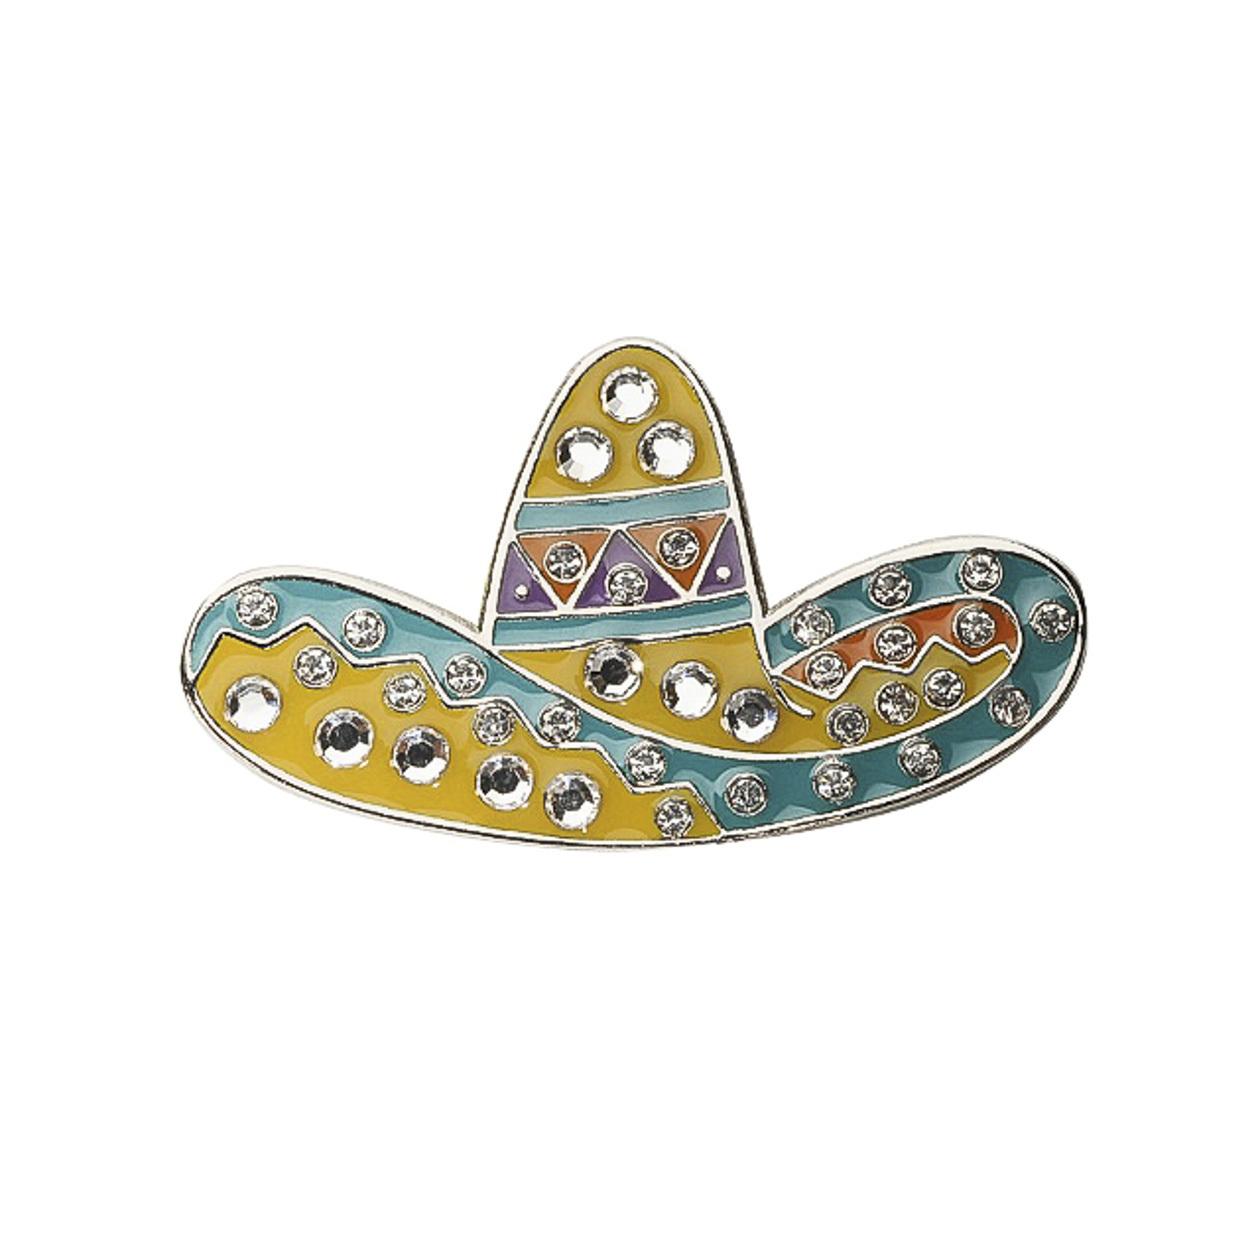 144. Sombrero